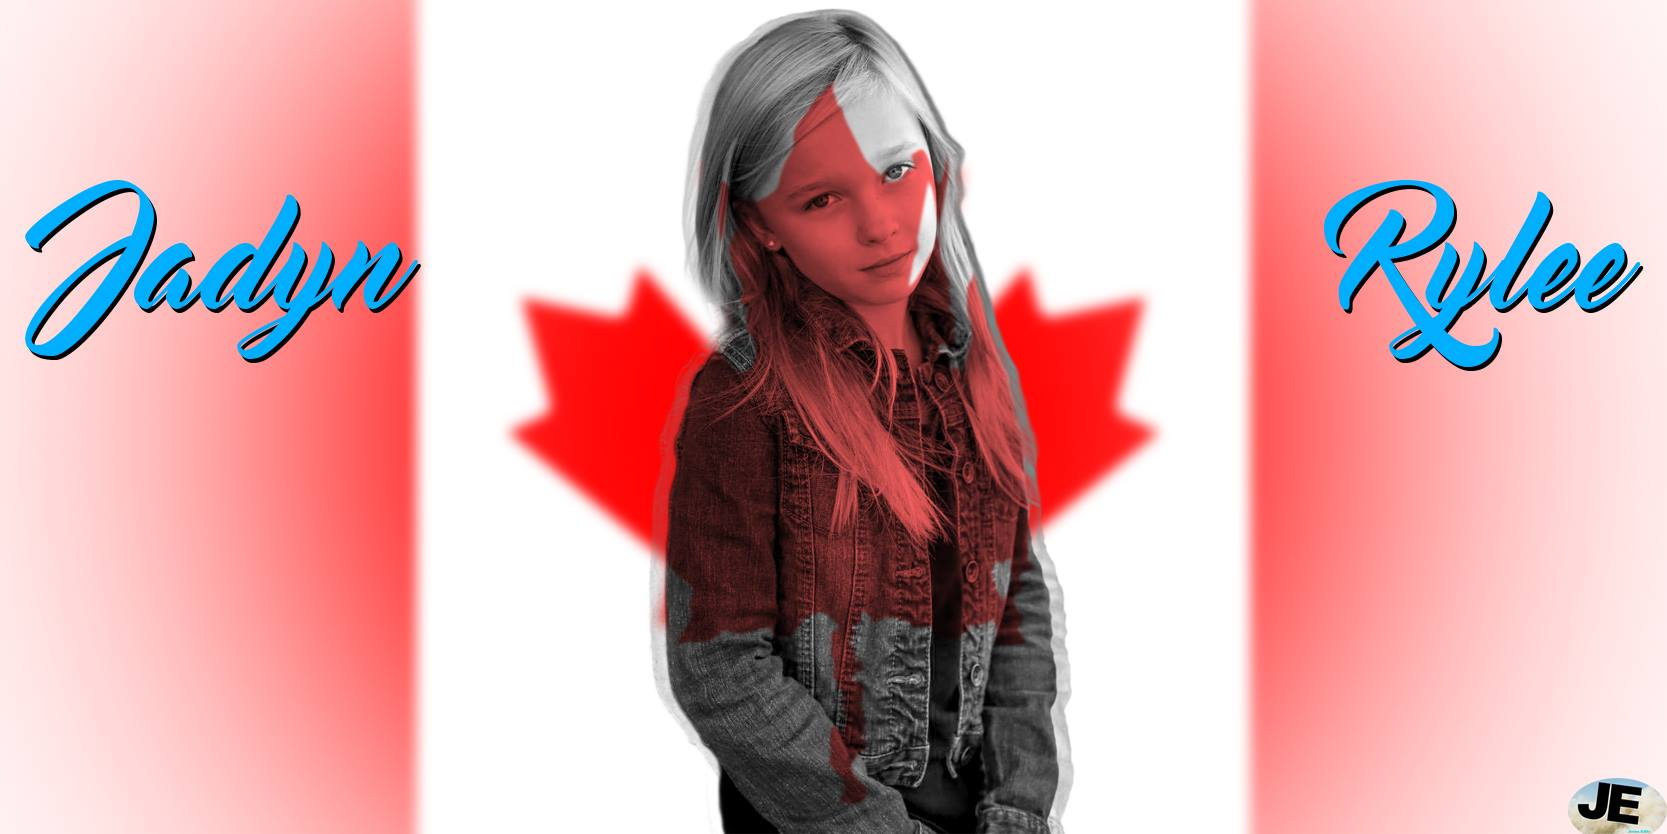 Gallery Toronto Jadyn Rylee Music